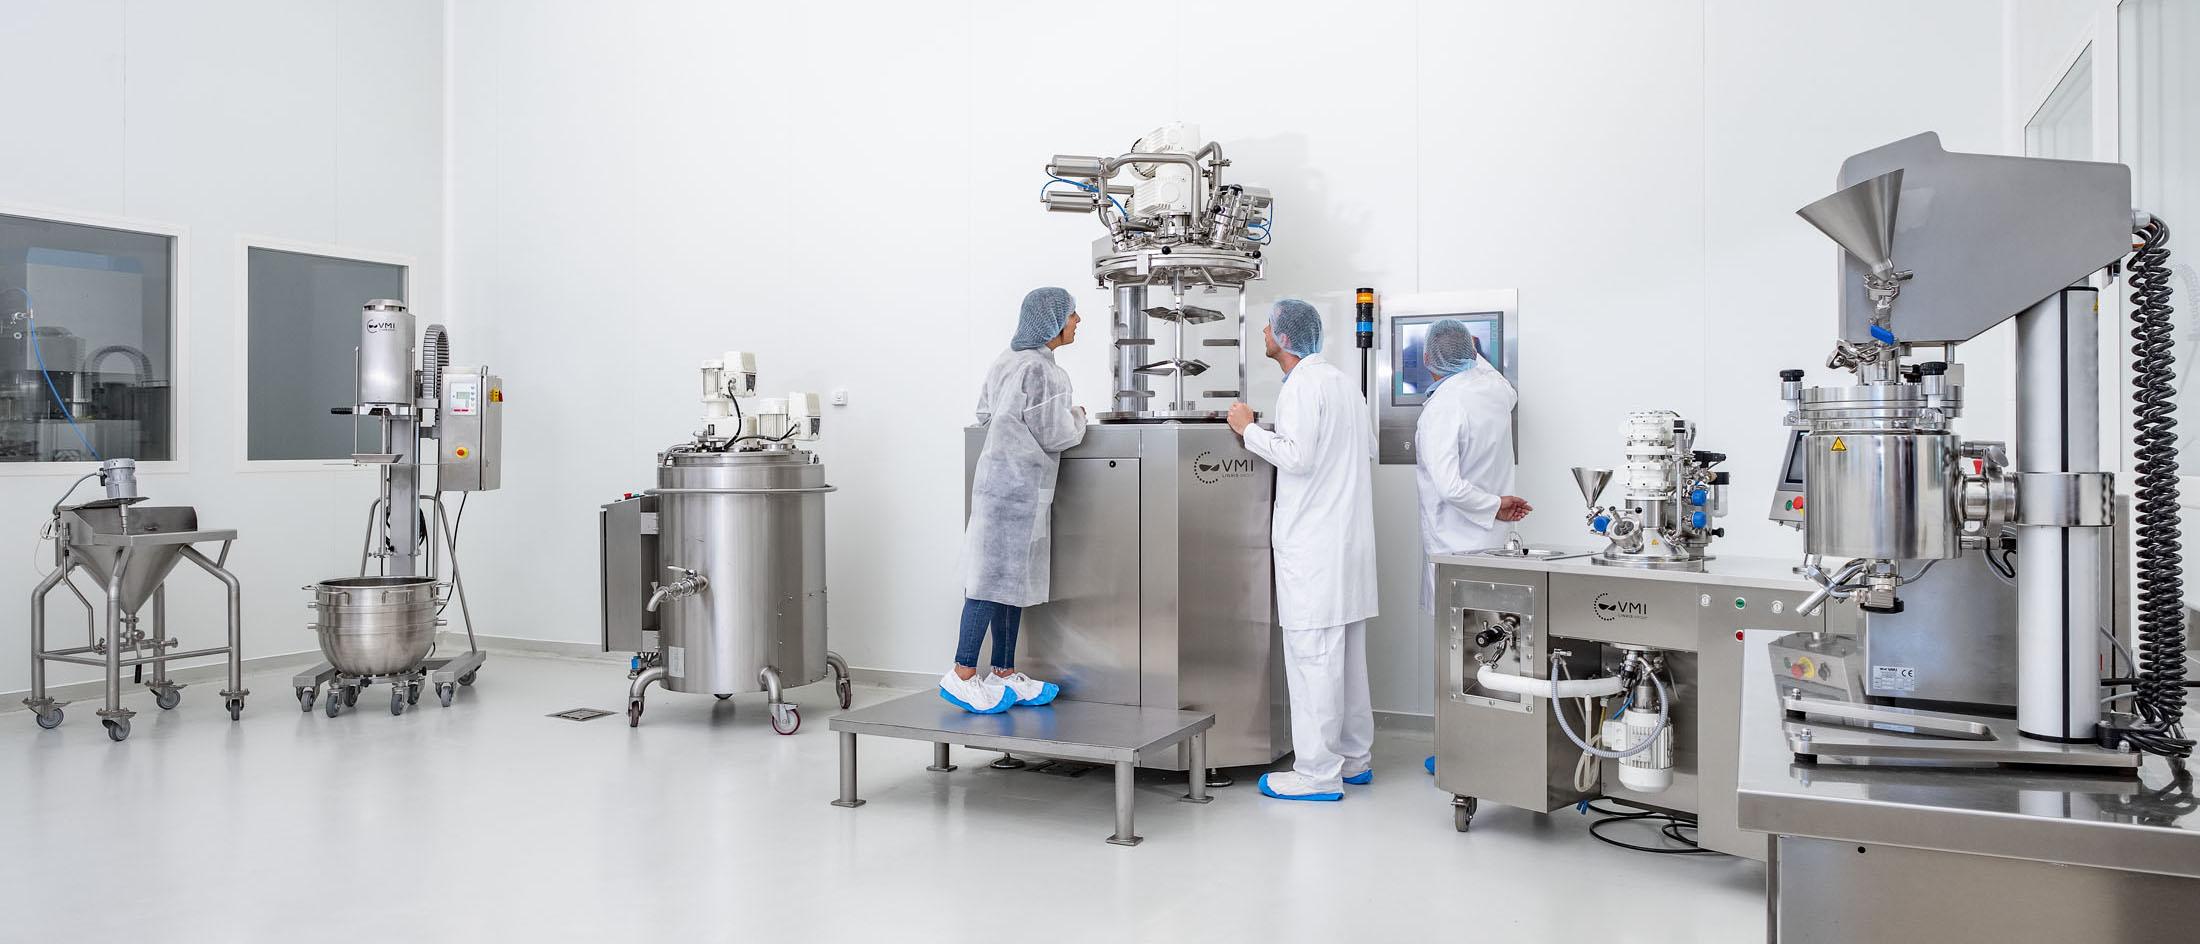 Reportage, photo personnes travaillant dans un laboratoire